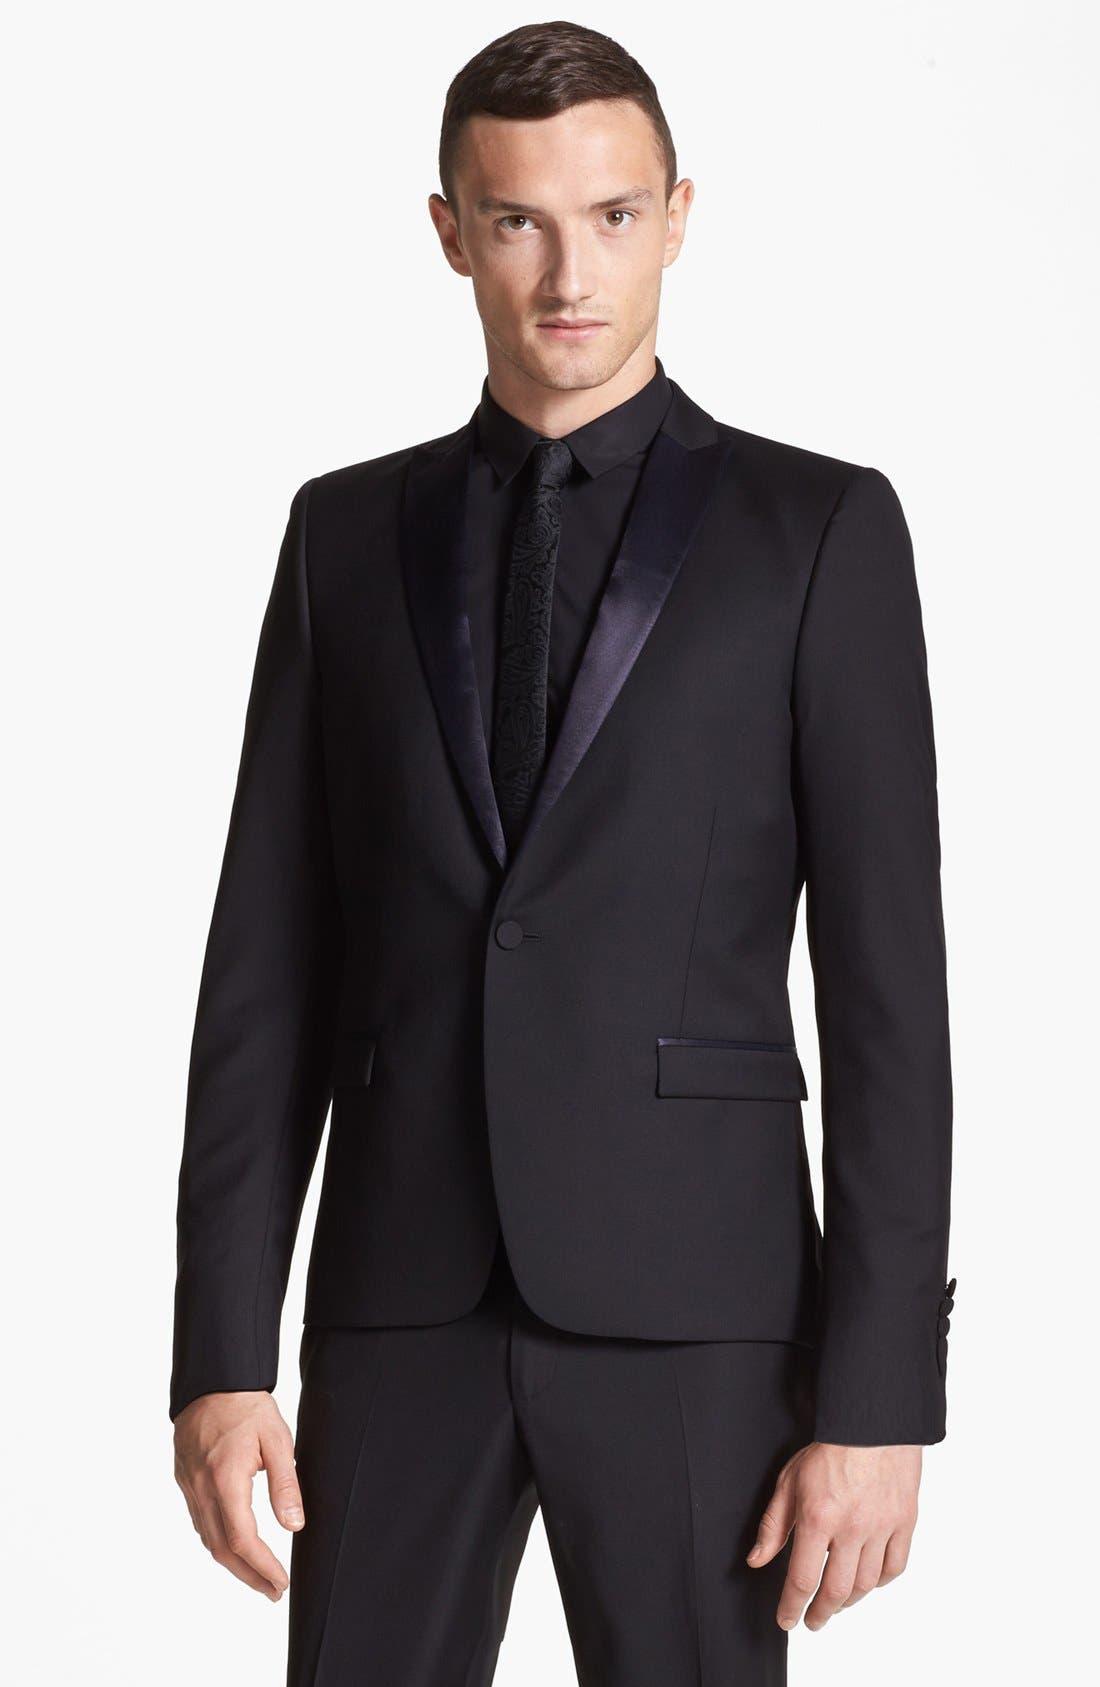 Alternate Image 1 Selected - The Kooples Trim Fit Black Wool Tuxedo Jacket